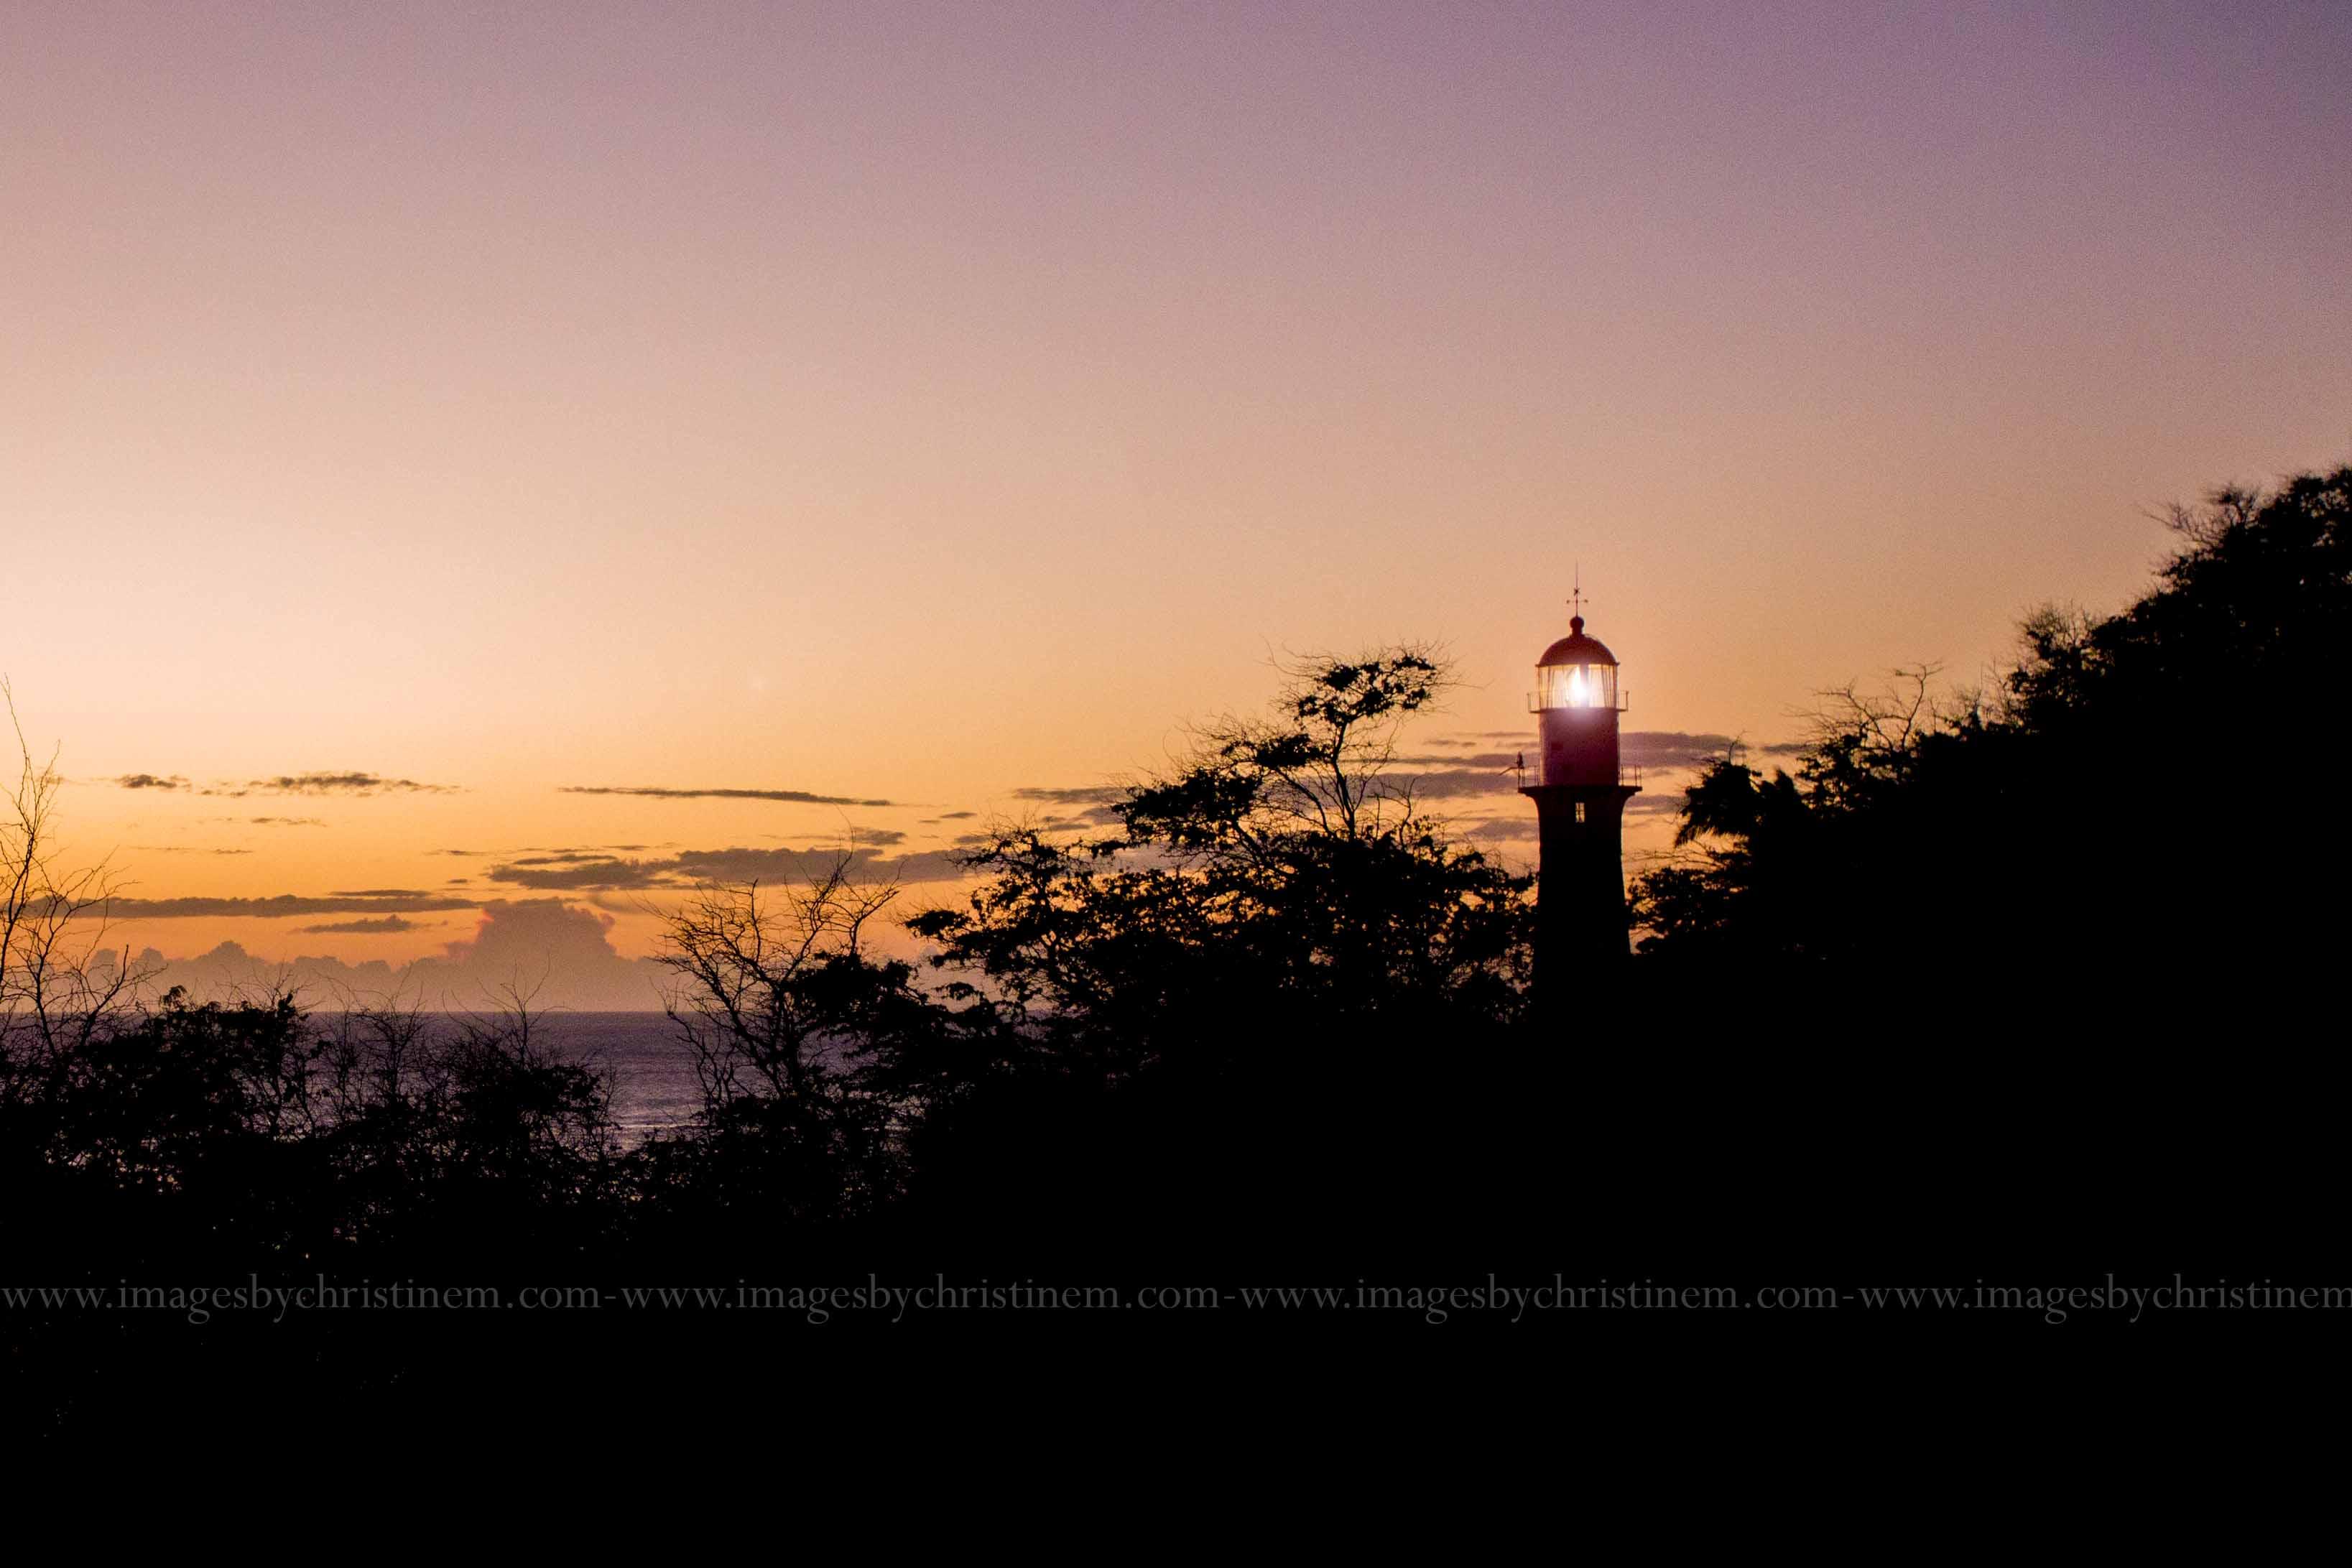 Lighthouse in Waikiki Hawaii